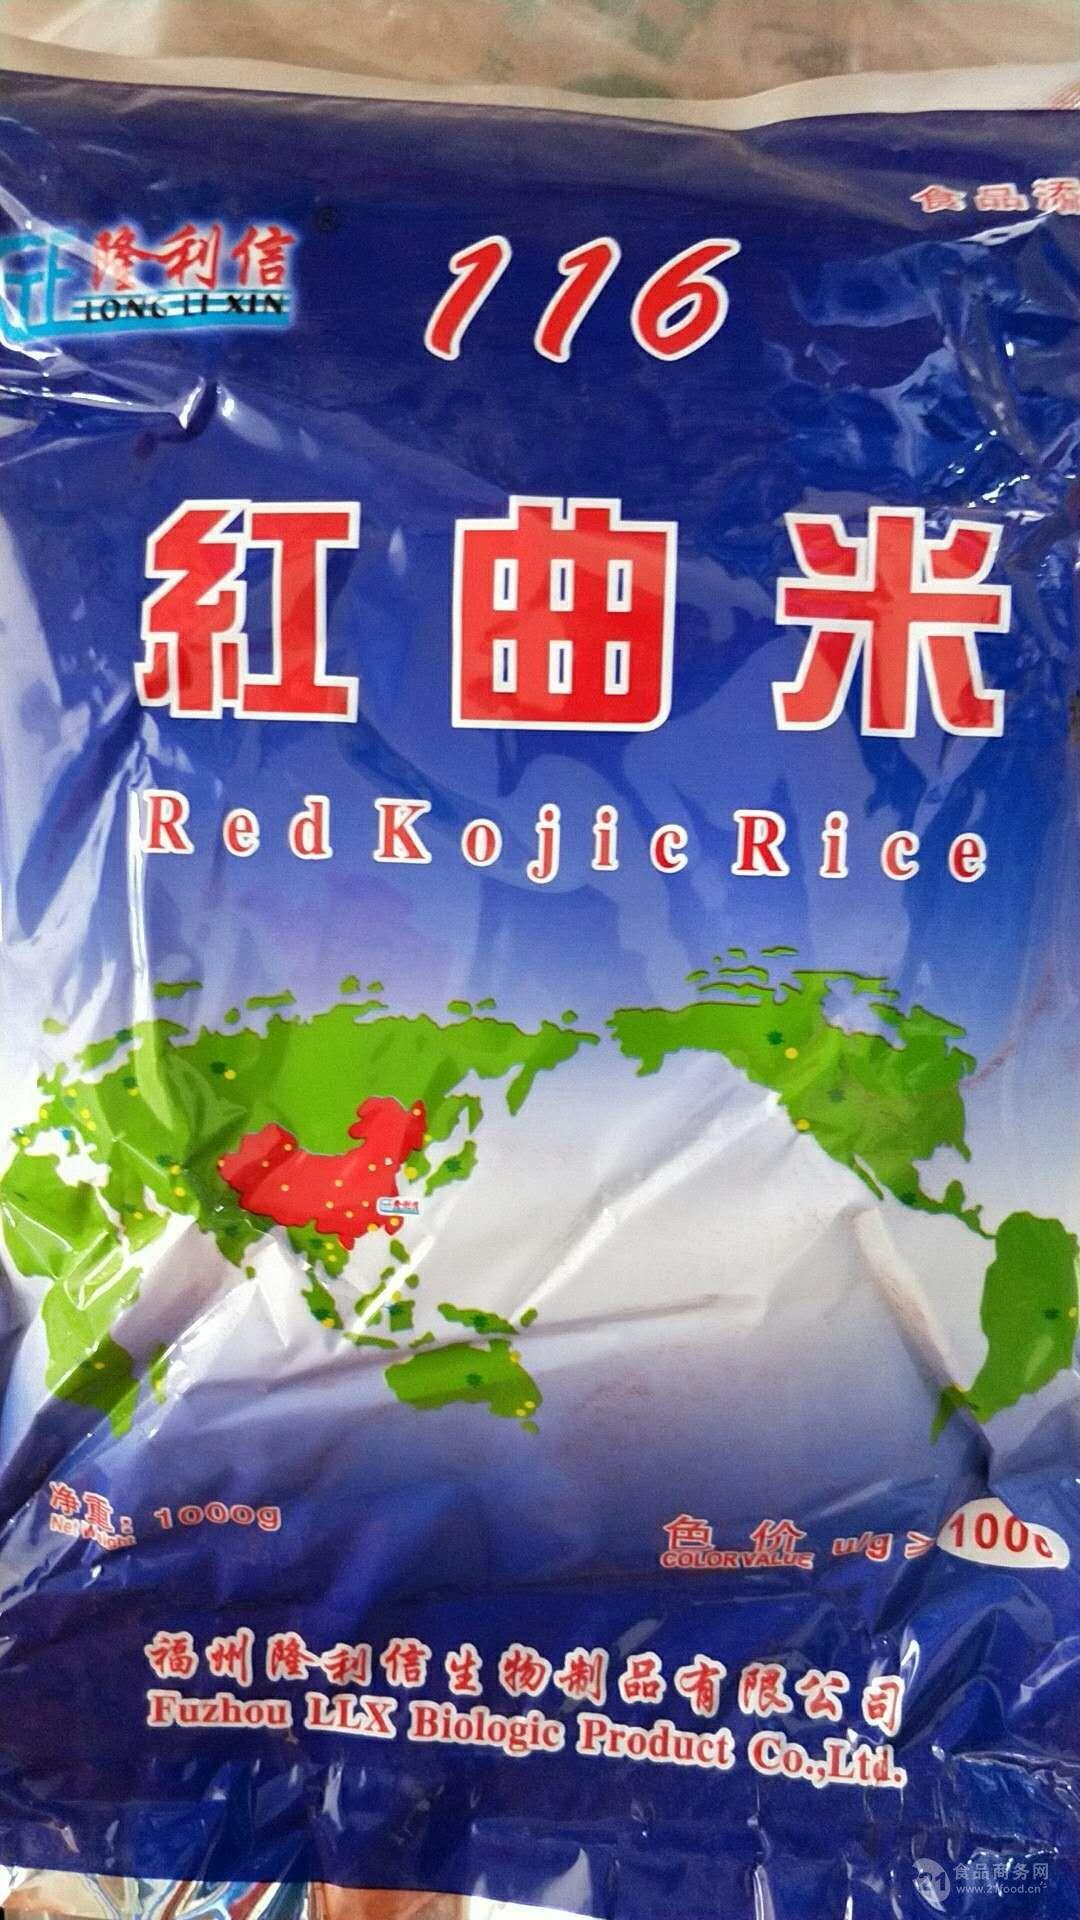 隆利信红曲米粉1000色价1kg包装质量保证